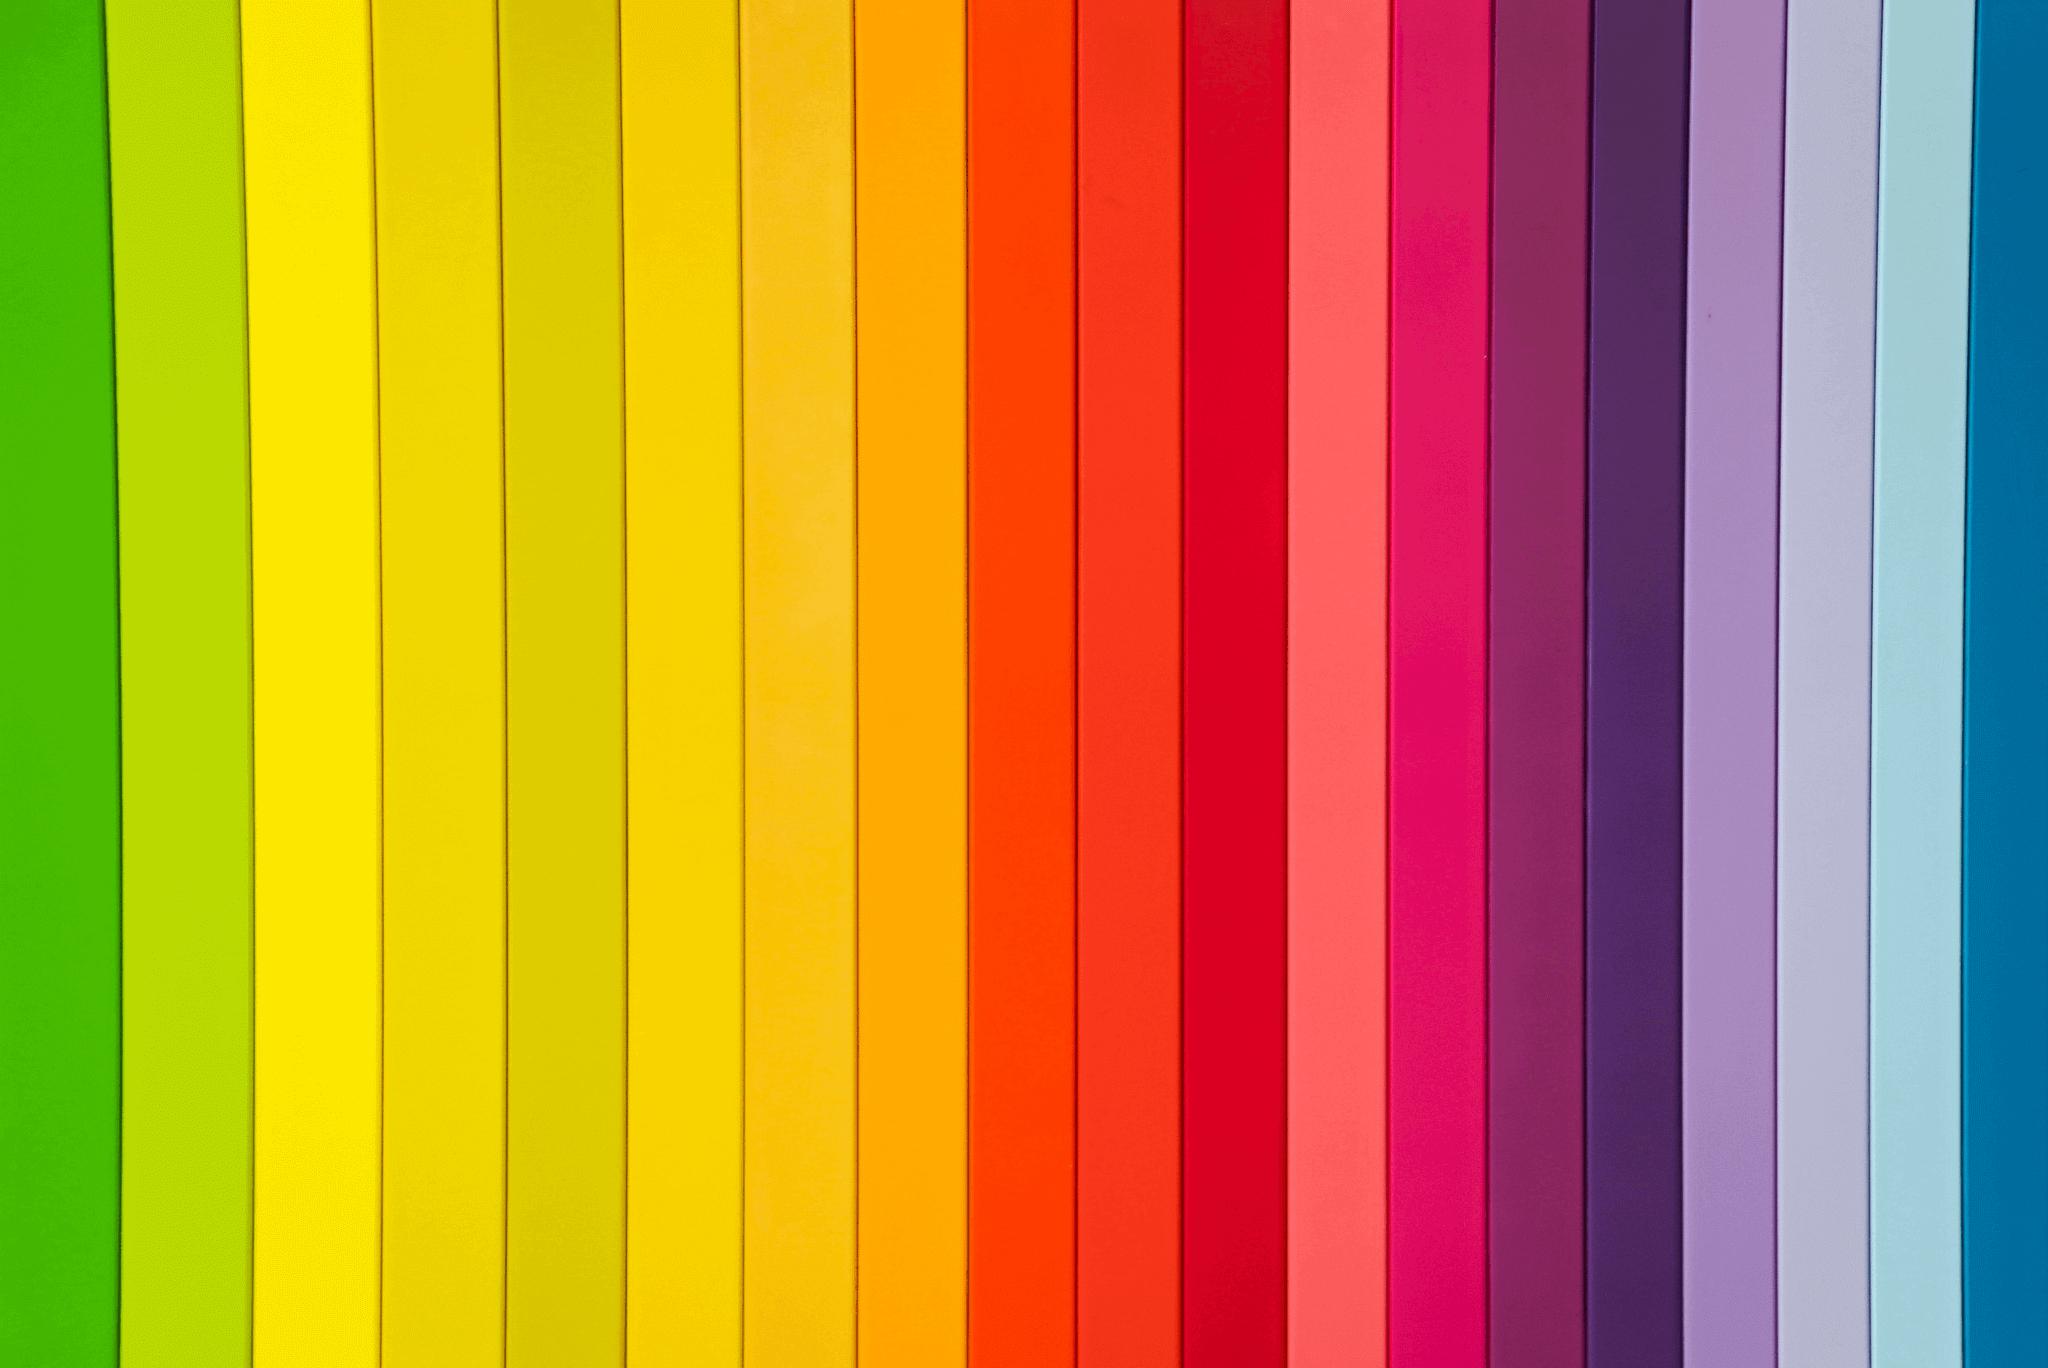 Quellassurda storia dei colori che non esistono 2048x1368 1 Direttoo 28 Baasbox